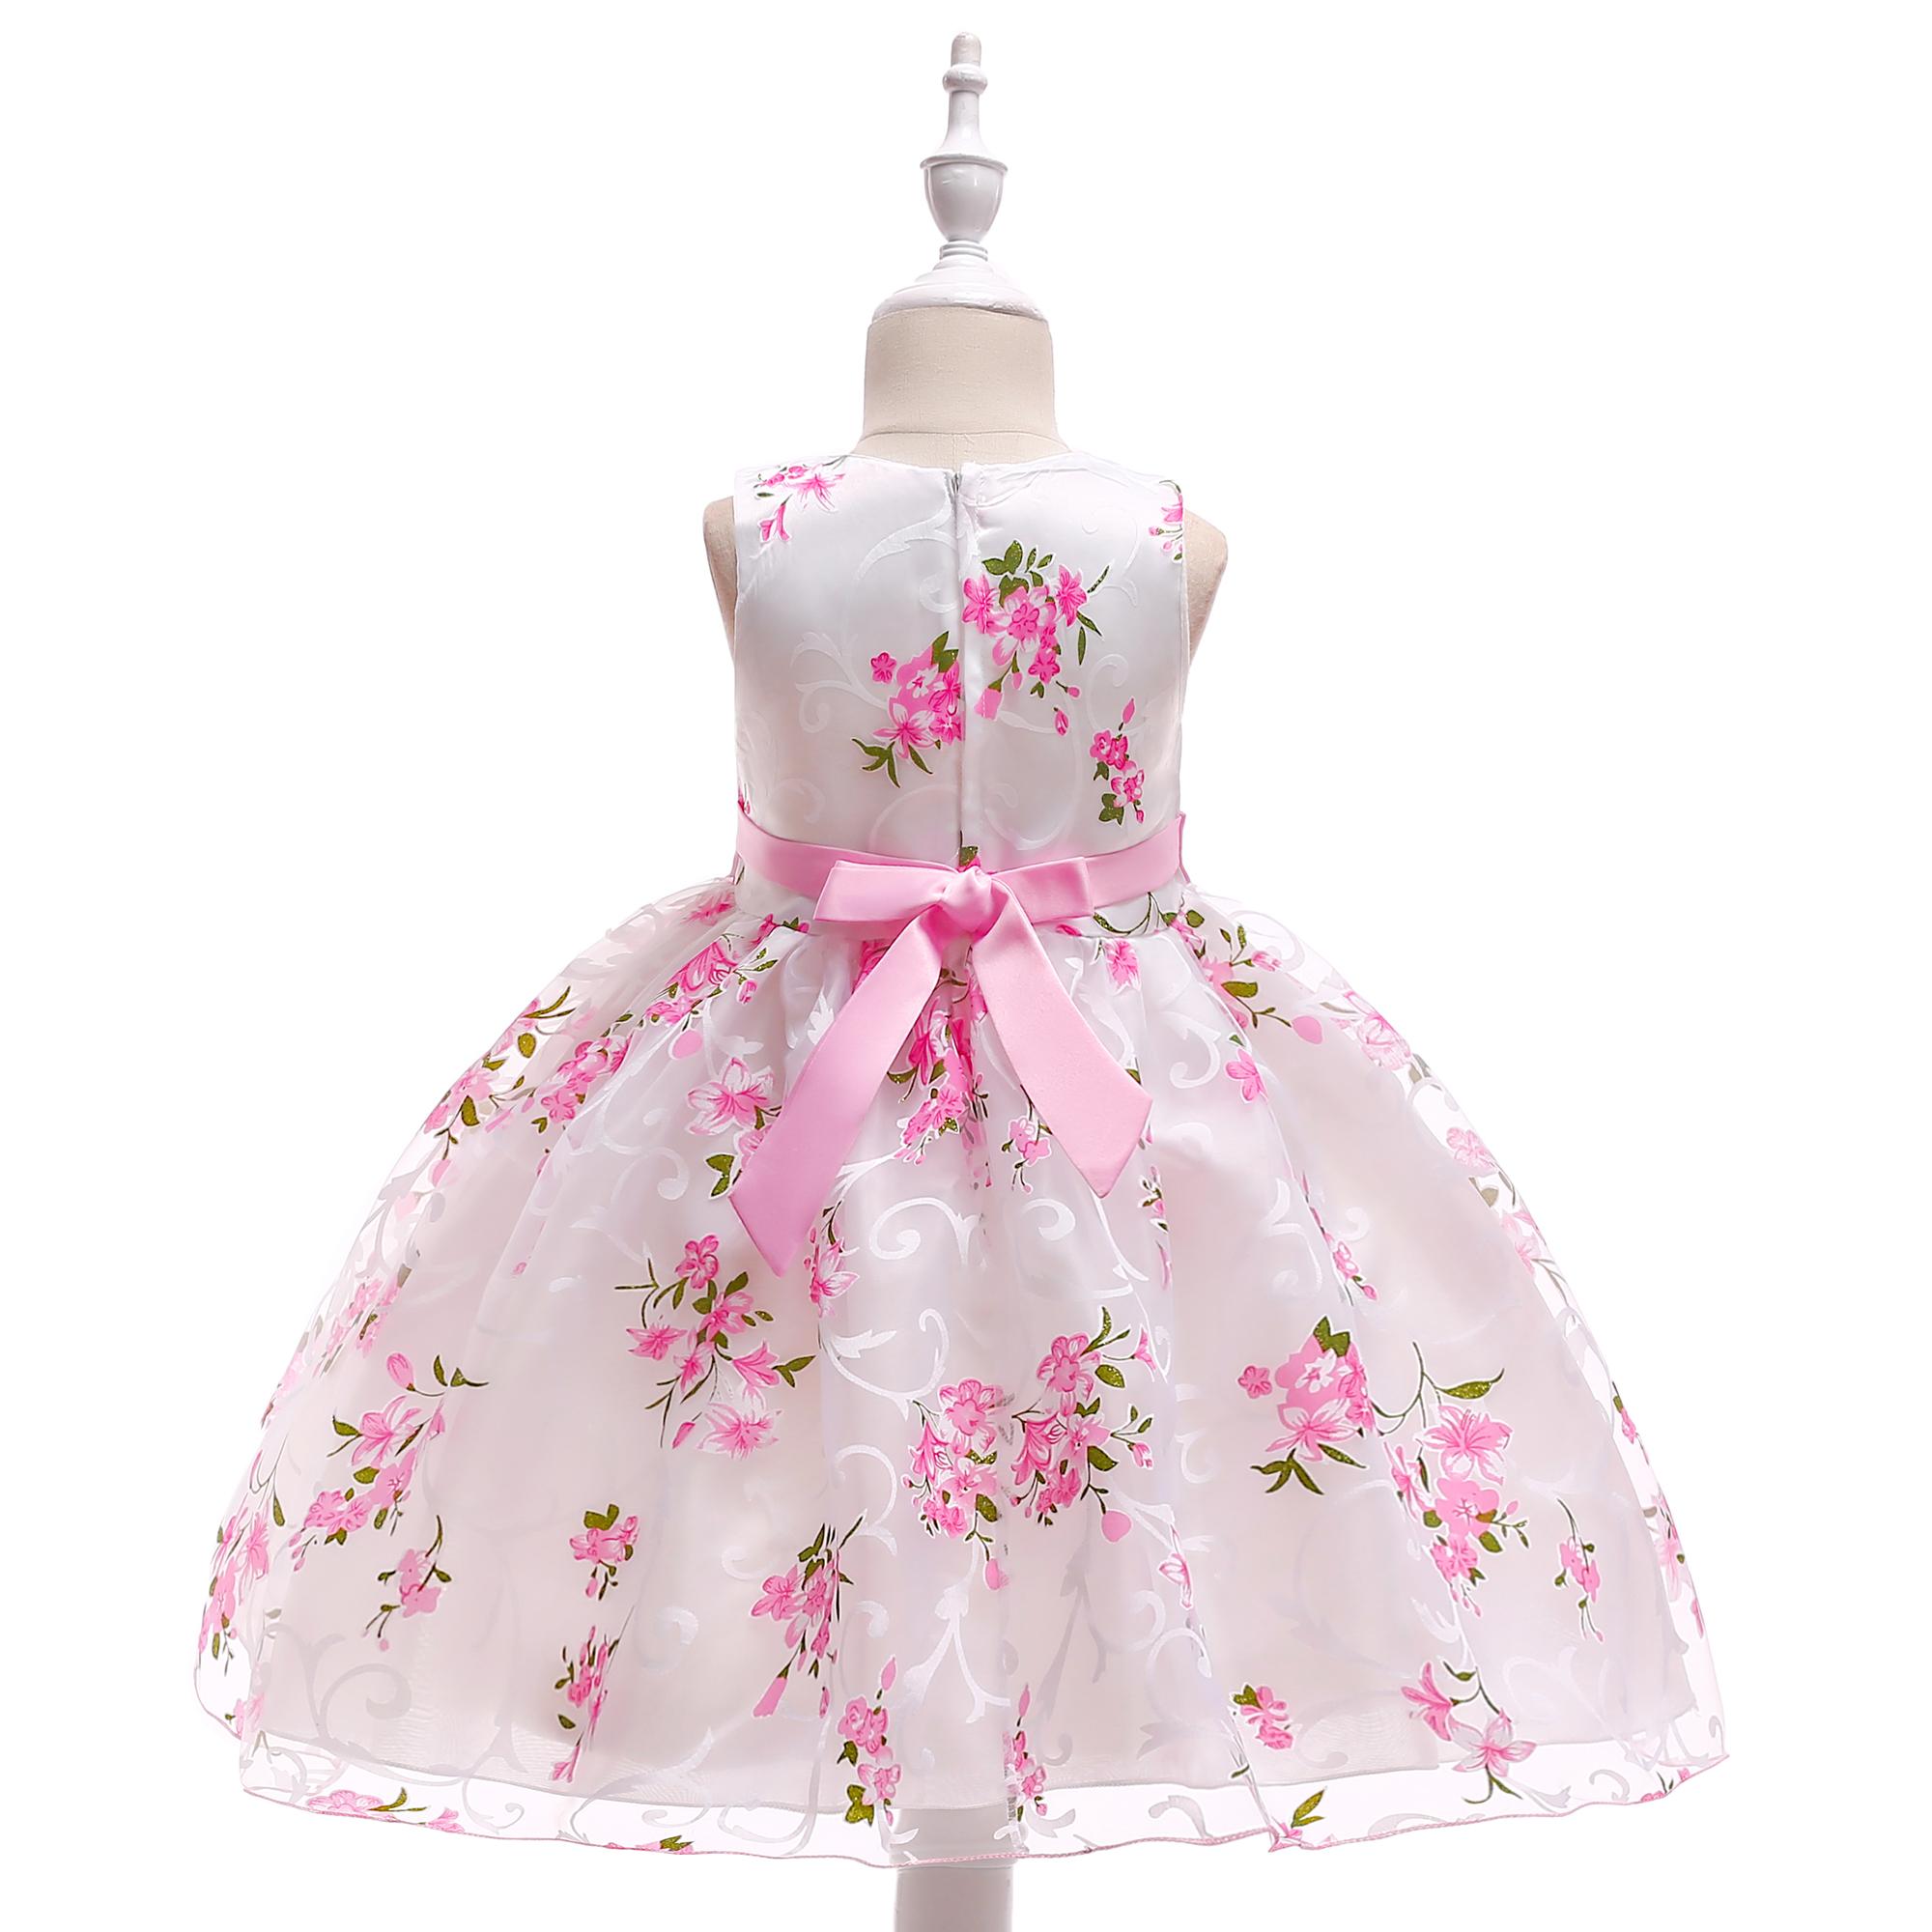 Venta al por mayor vestidos bebe baratos-Compre online los mejores ...